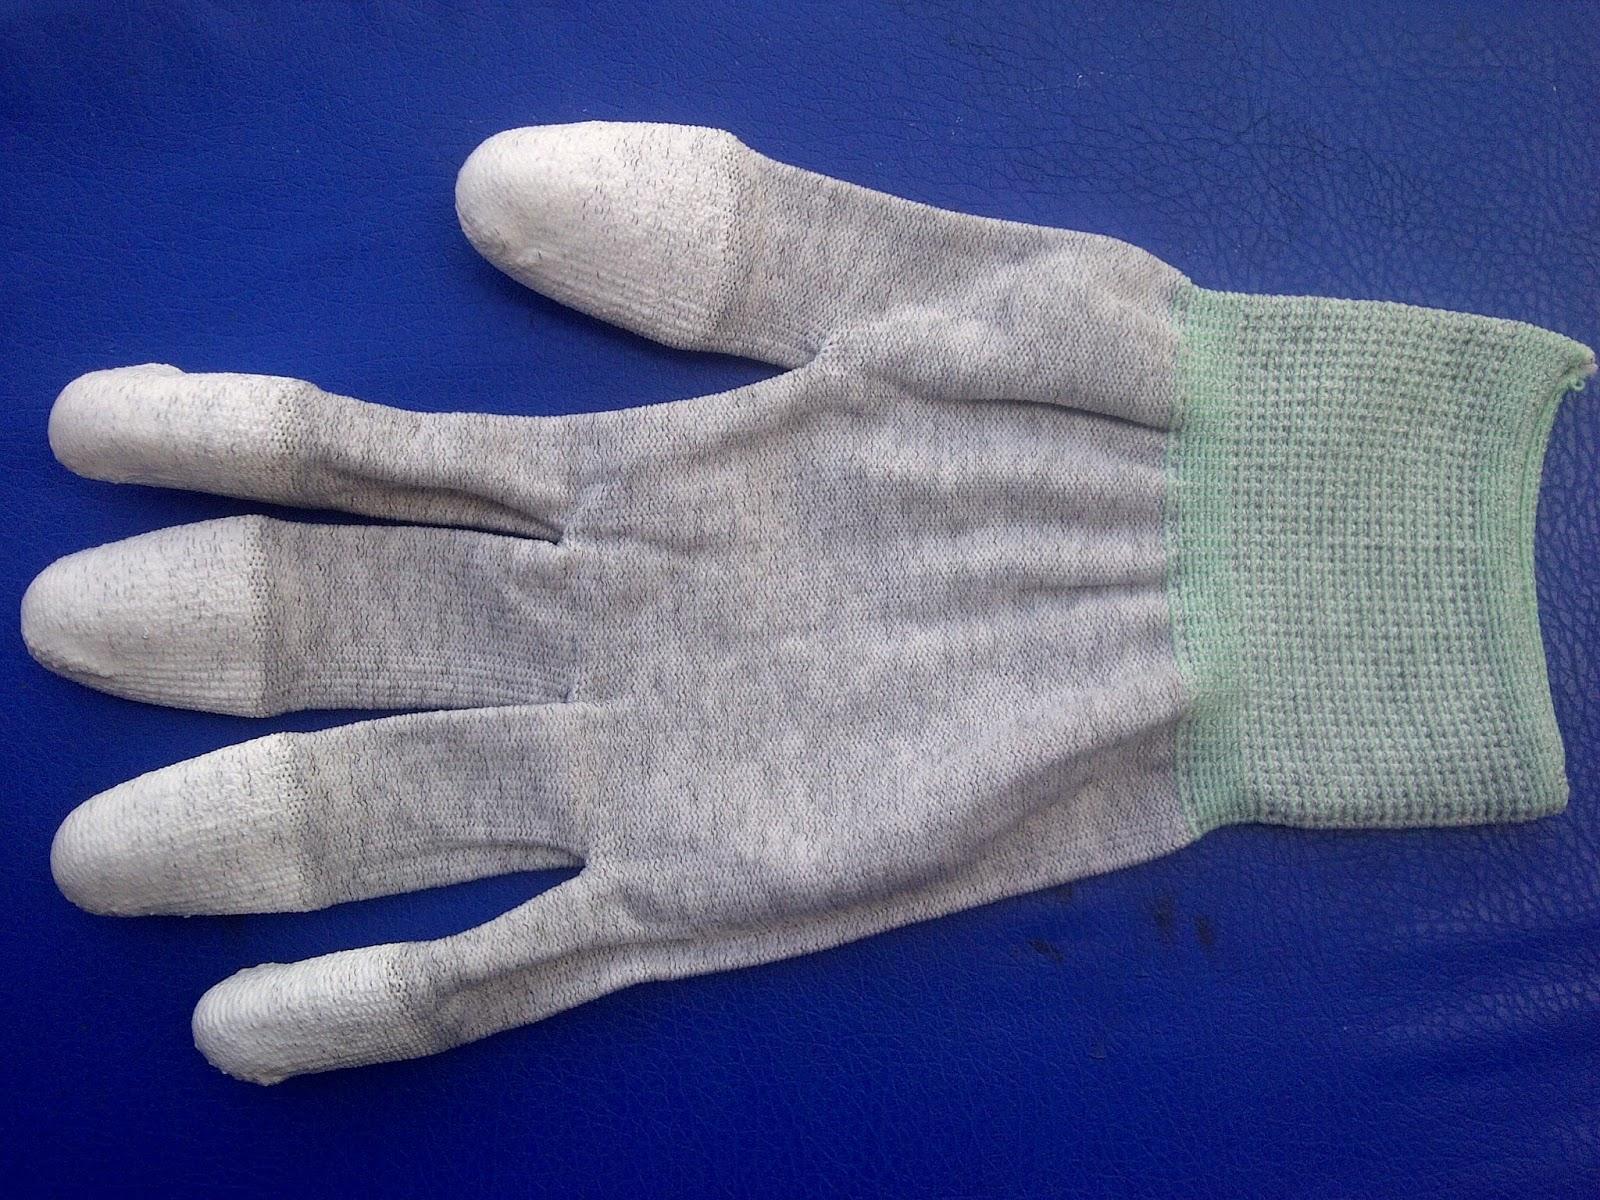 Găng tay phủ ngón pu chống tĩnh điện